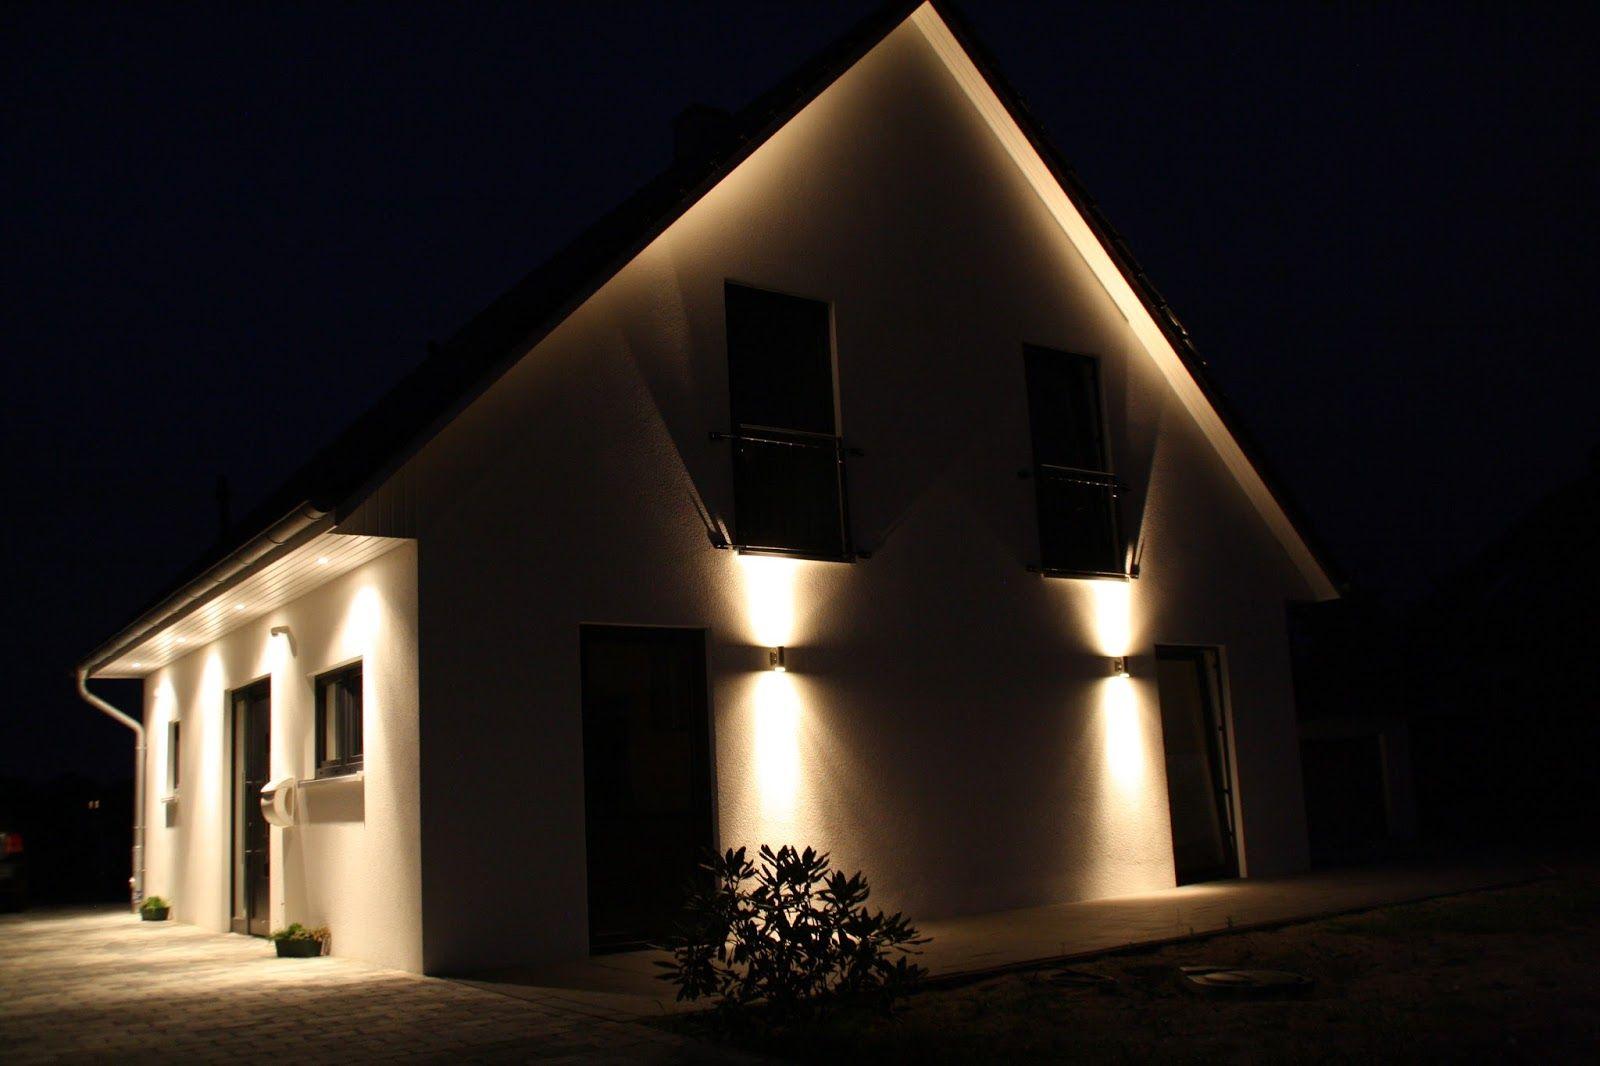 Großzügig Wie Man Ein Außenlicht Verbindet Ideen - Elektrische ...